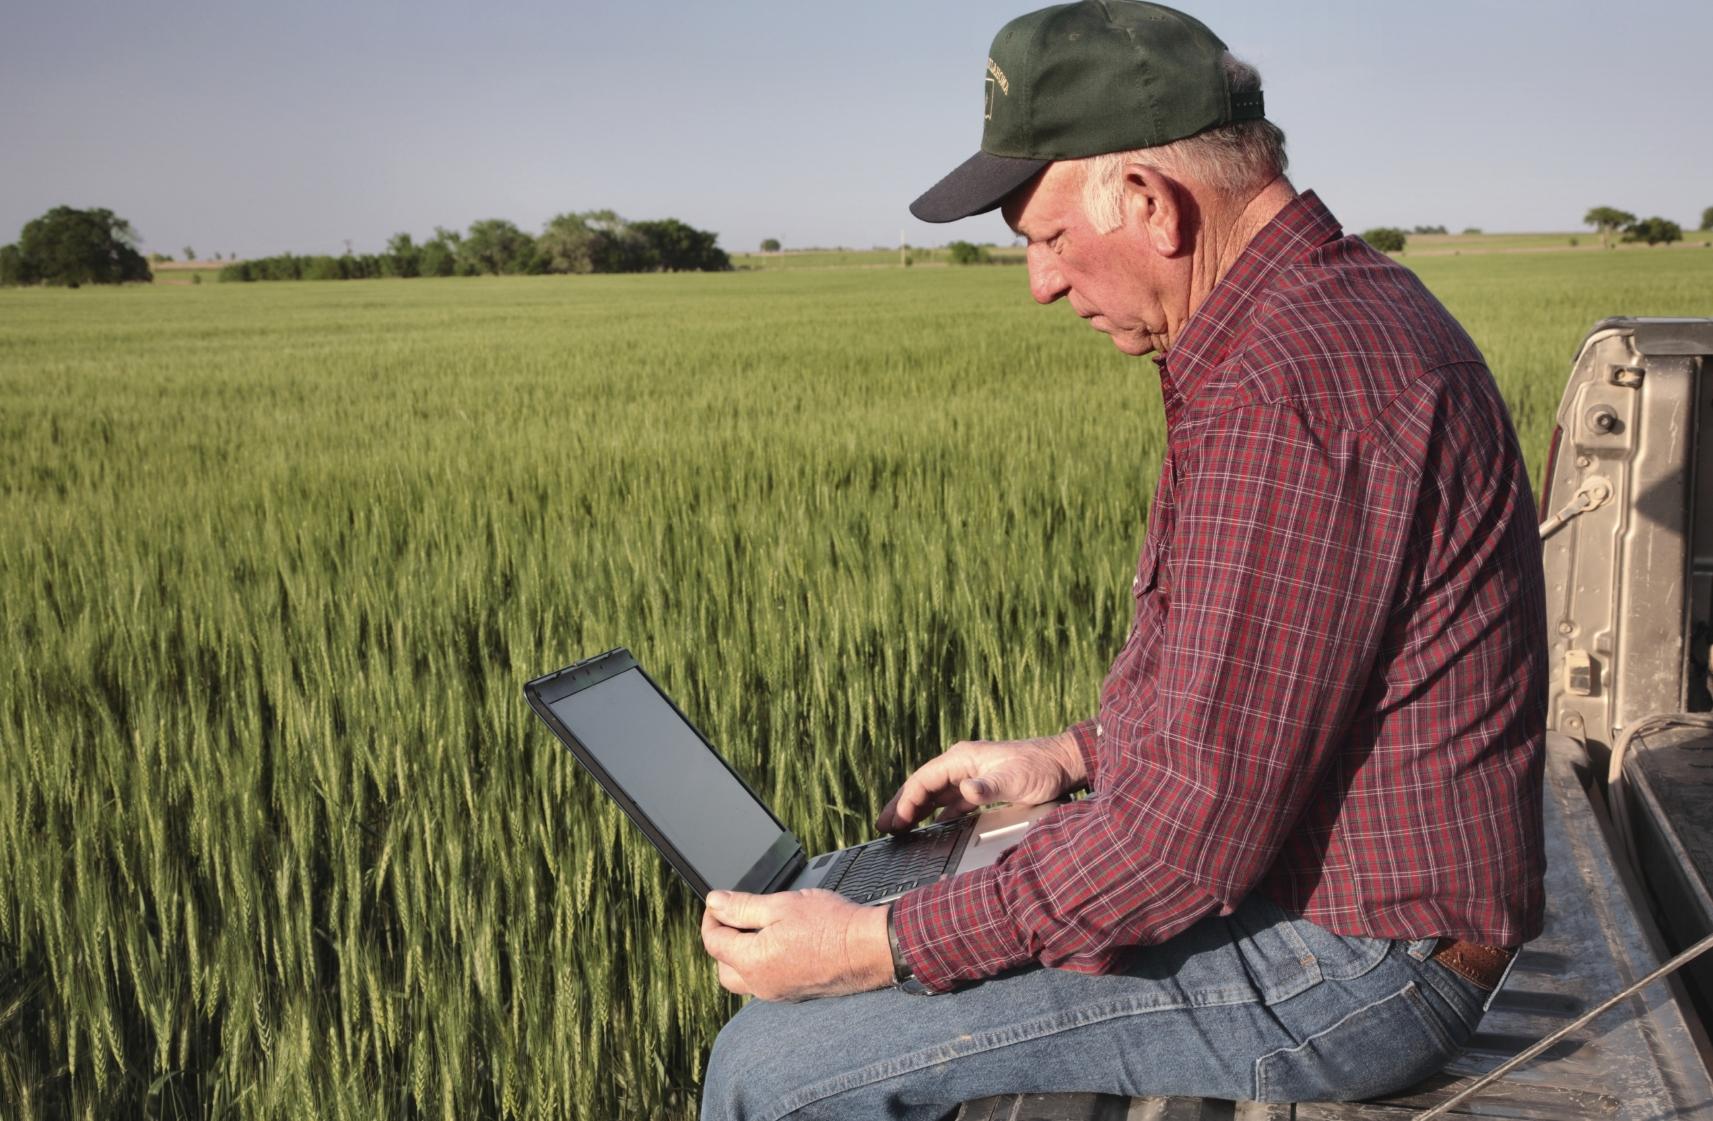 Tegnologie-technology-tech-laptop-farmer-rekenaar.jpg